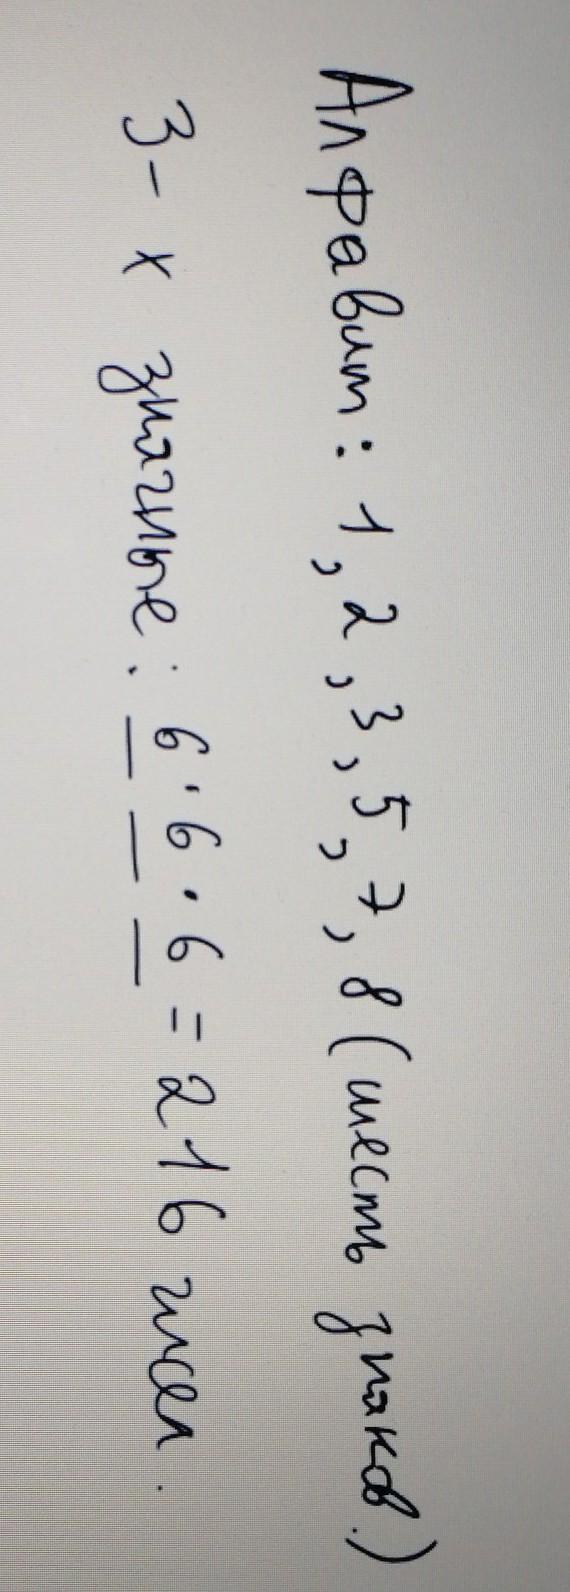 Сколько трехзначных цифр можно составить из цифр 1